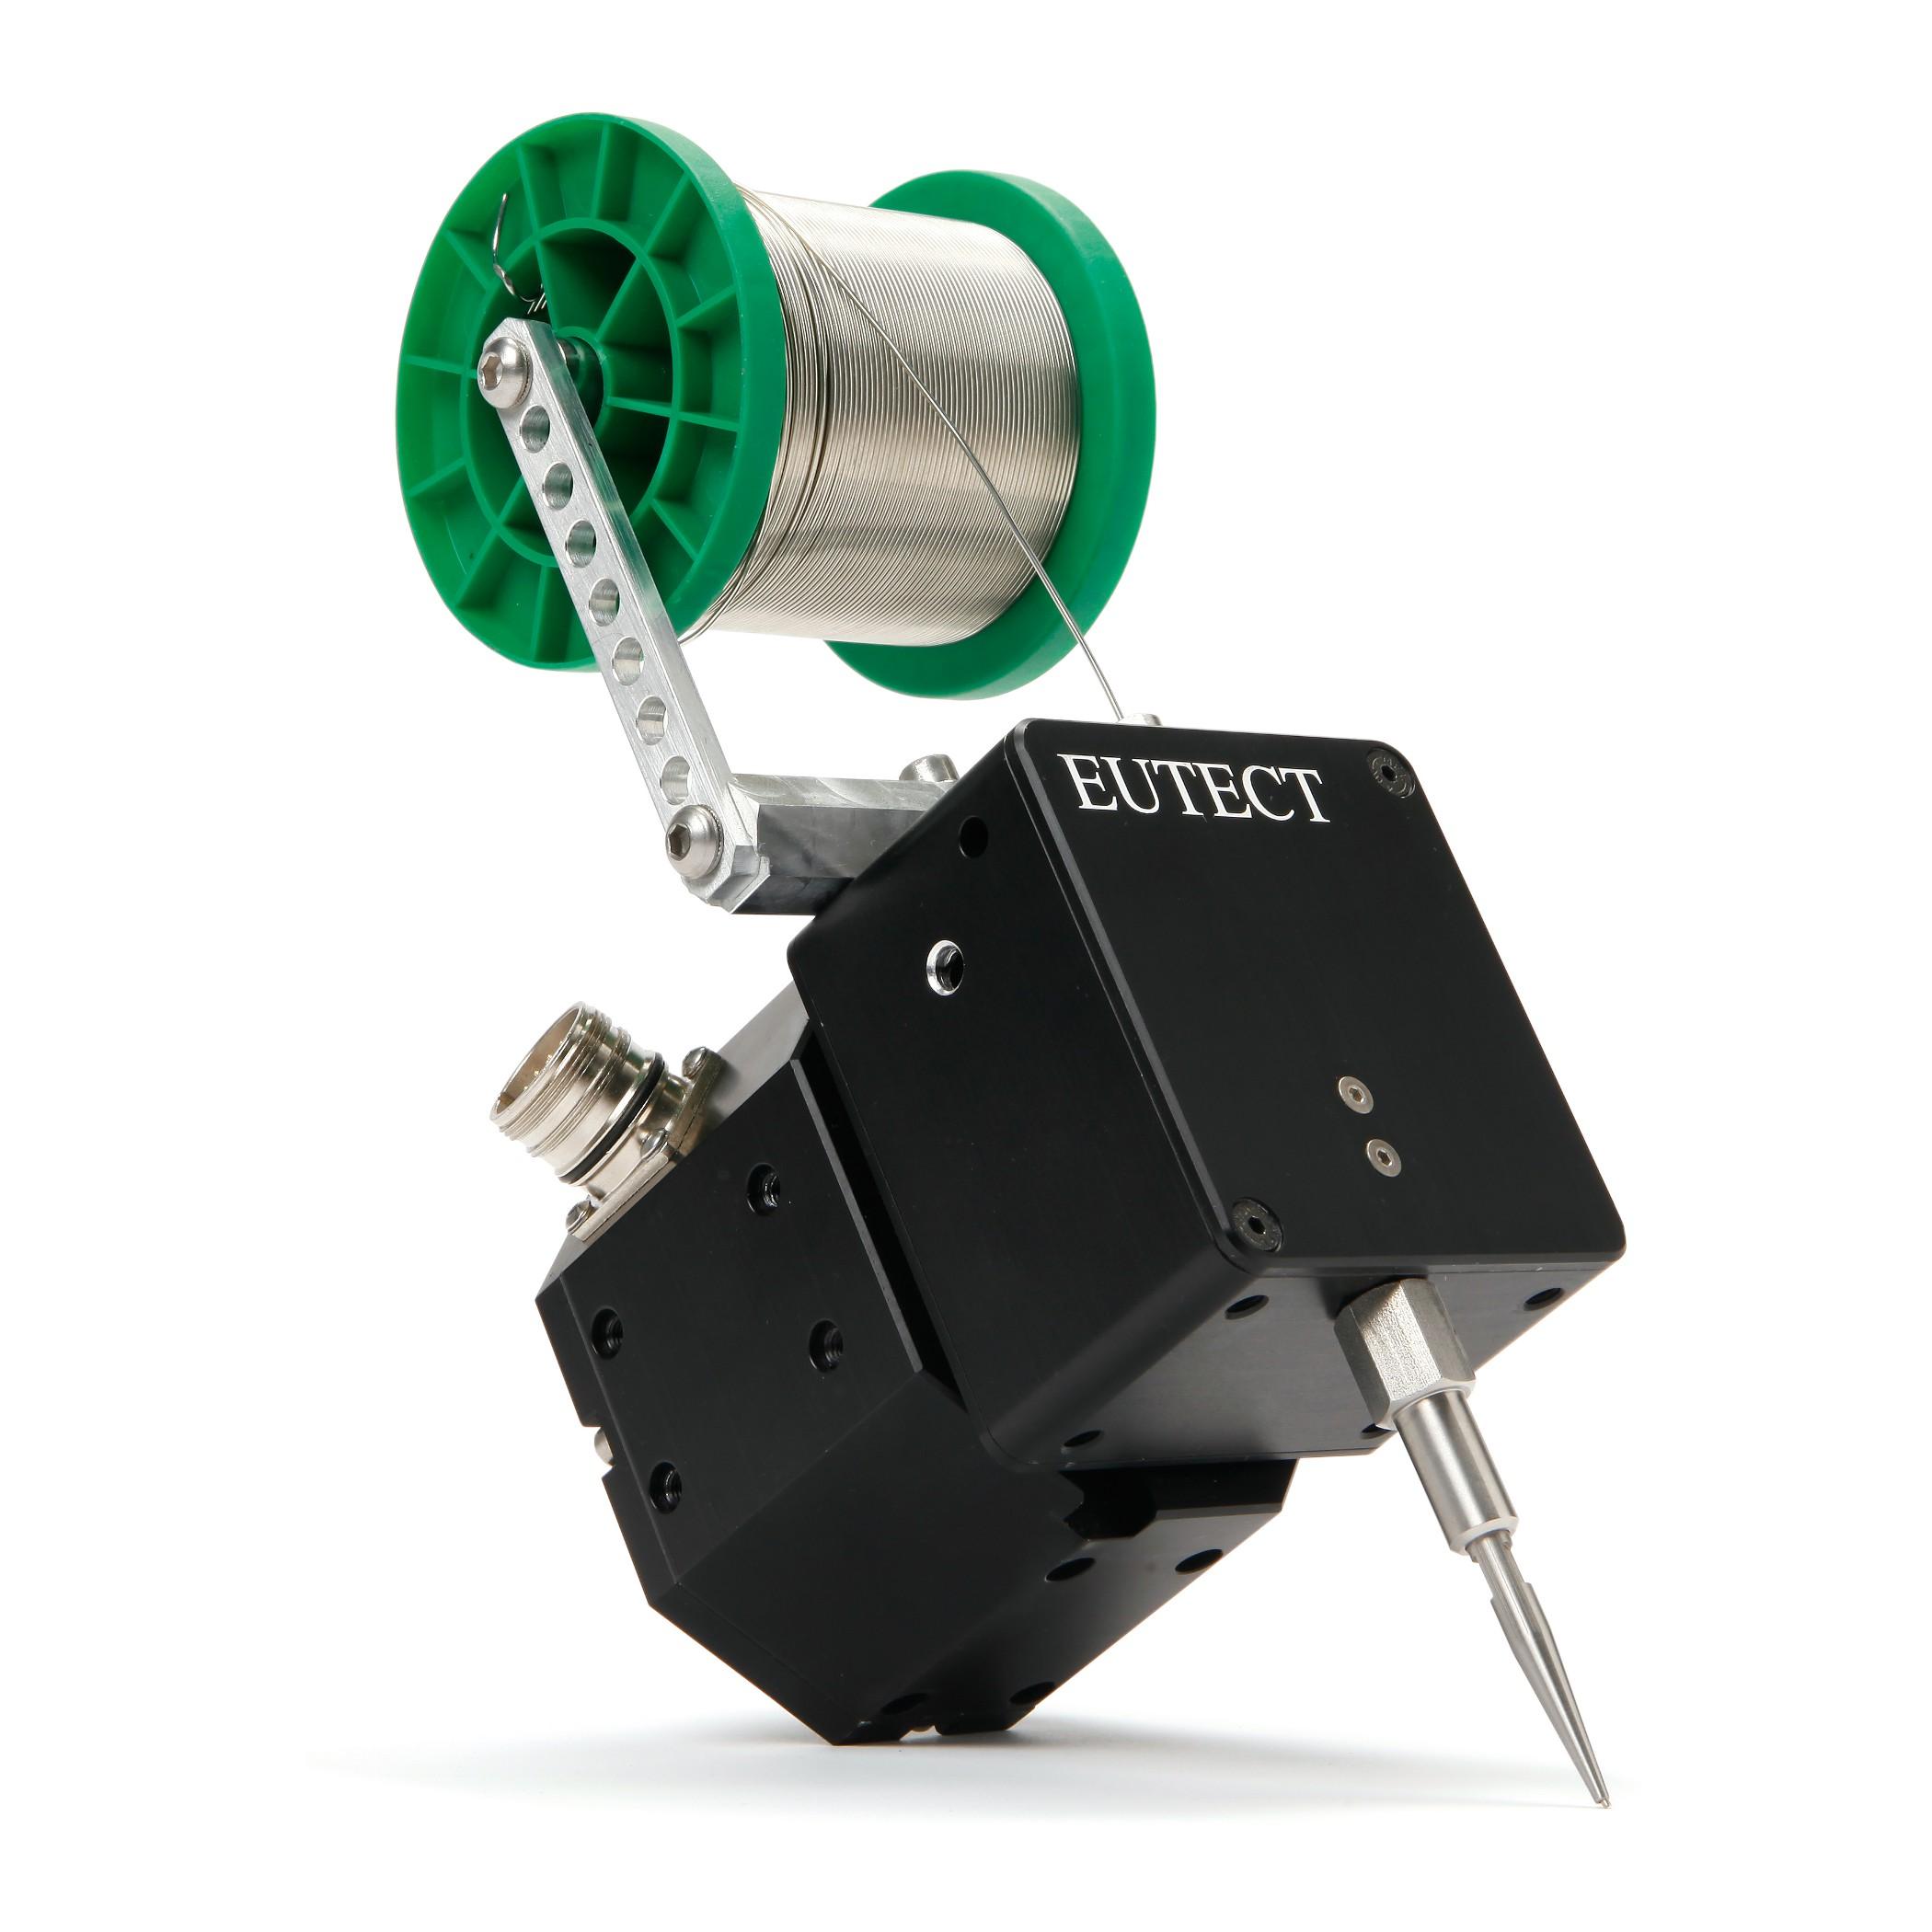 Kompaktes Drahtvorschubmodul für Löt- und Schweißprozesse Bild: Eutect